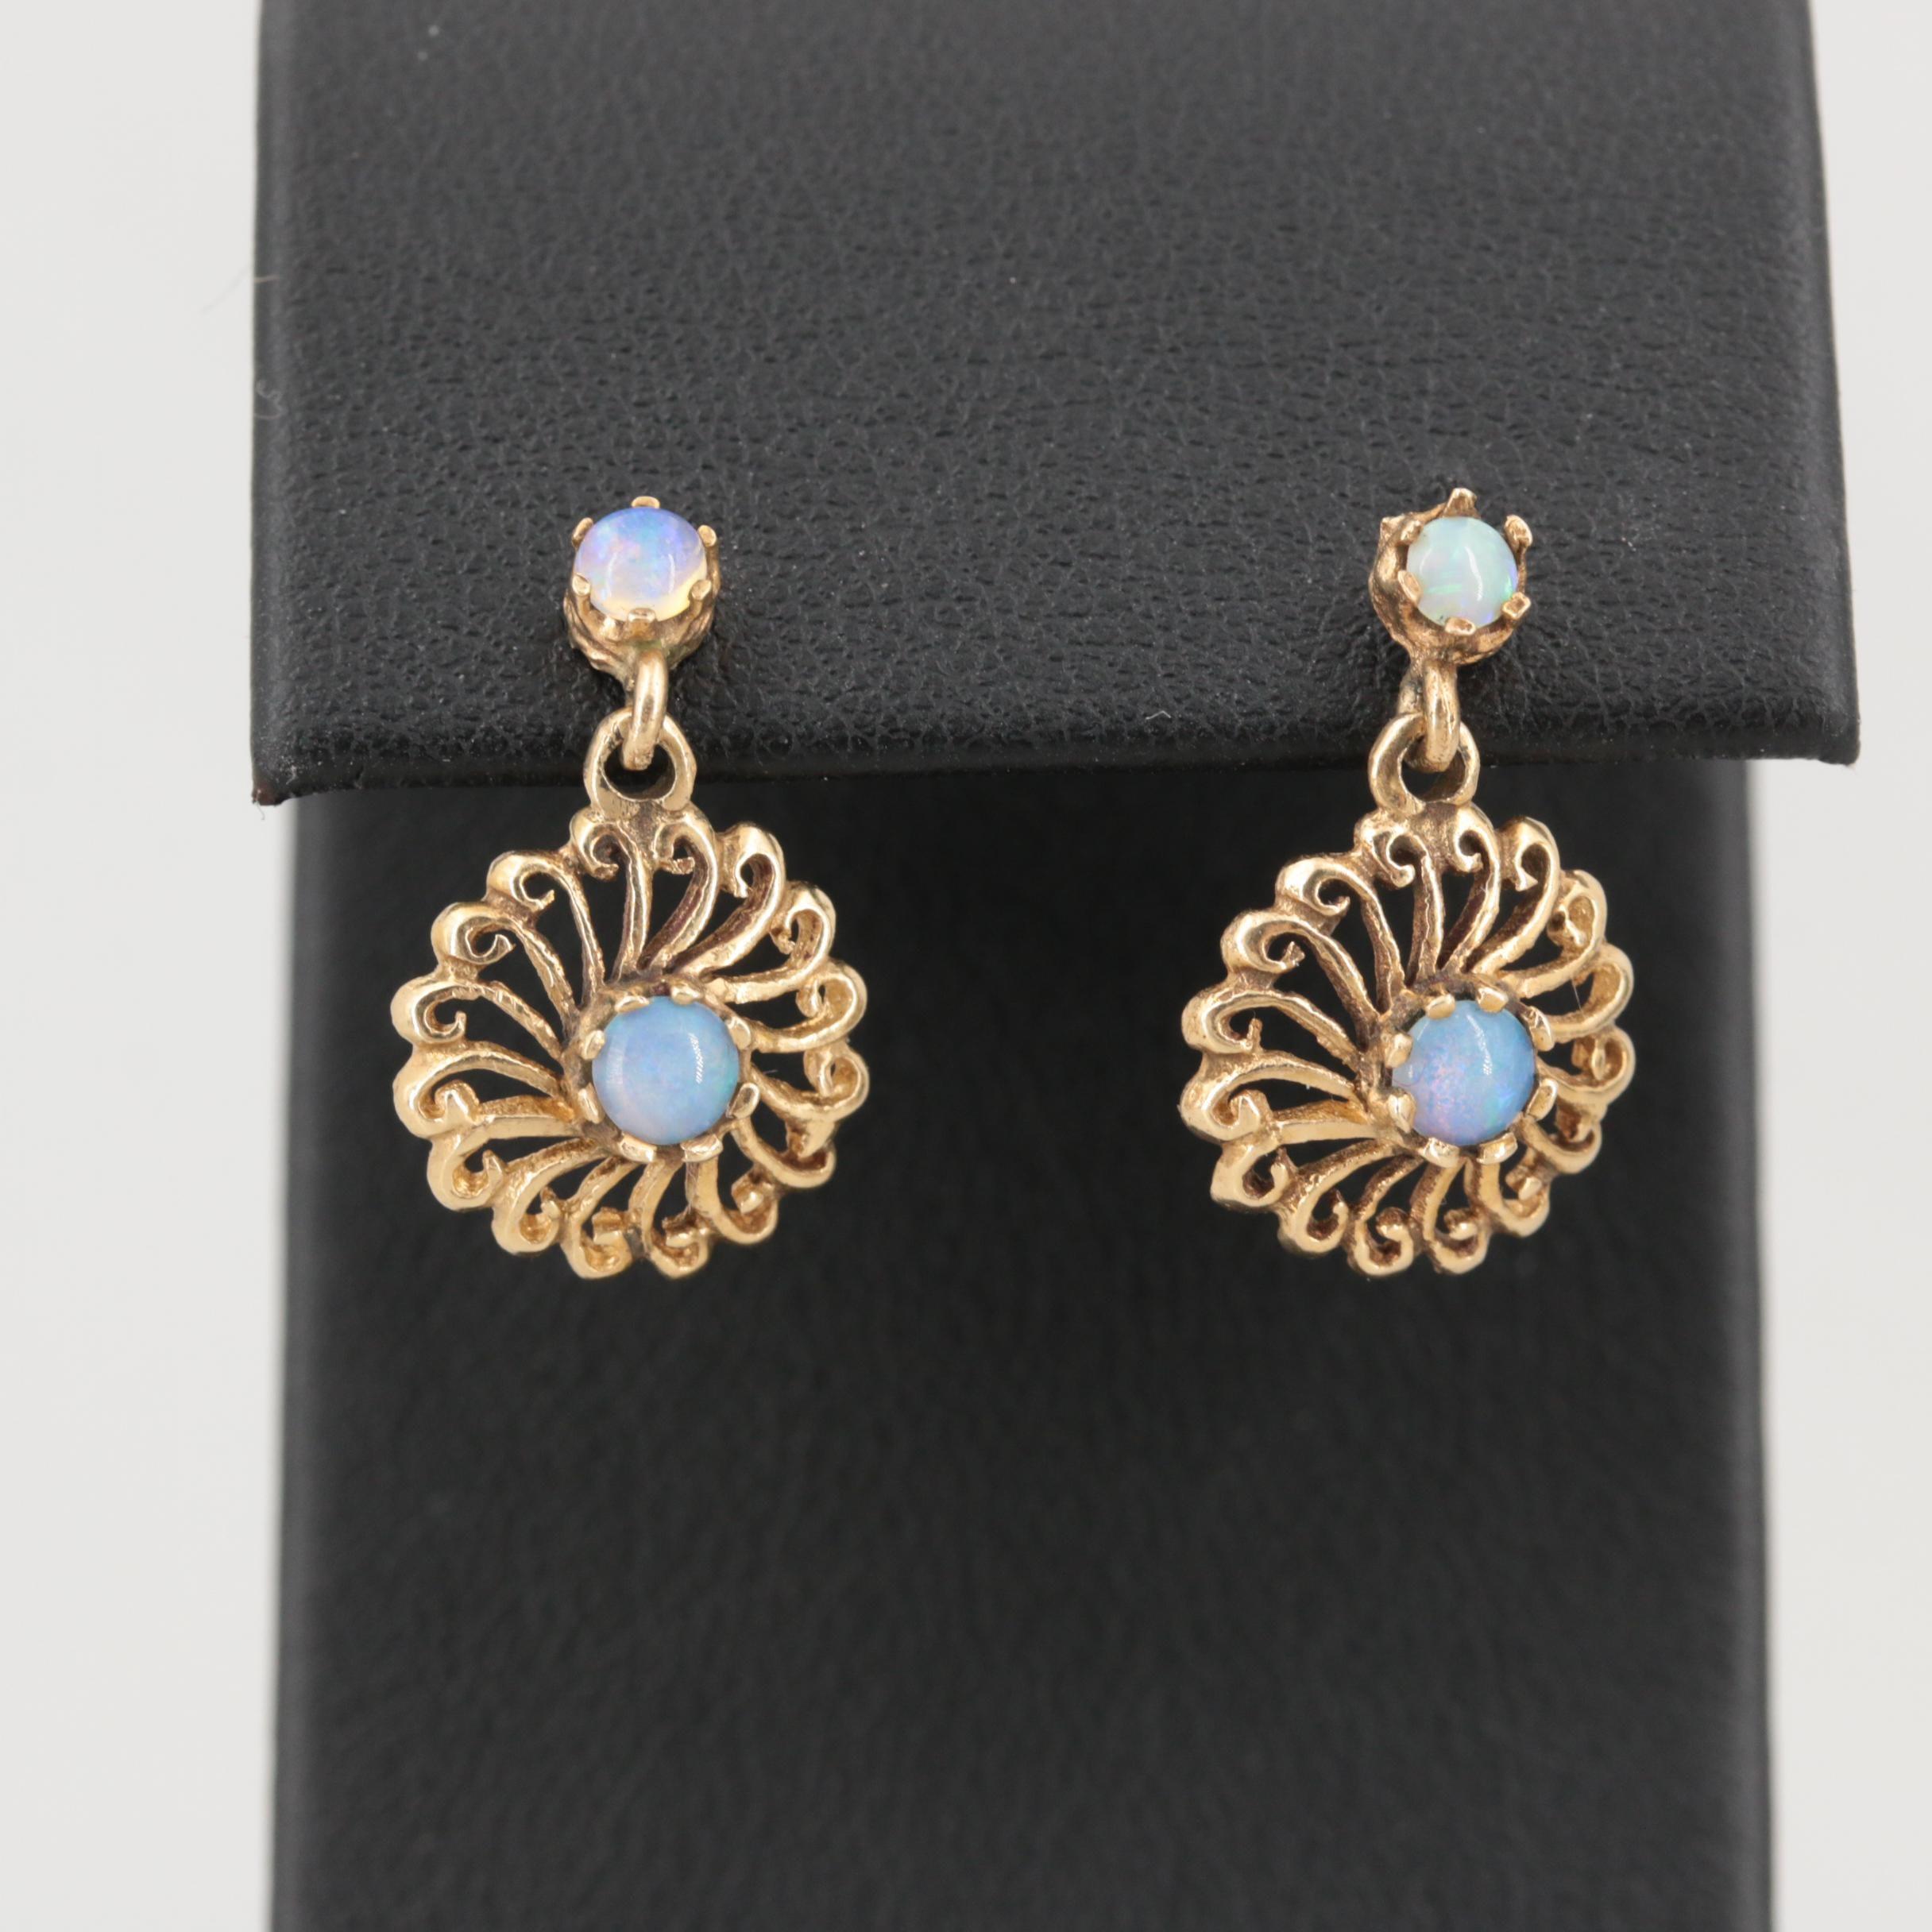 14K Yellow Gold Dangle Opal Earrings